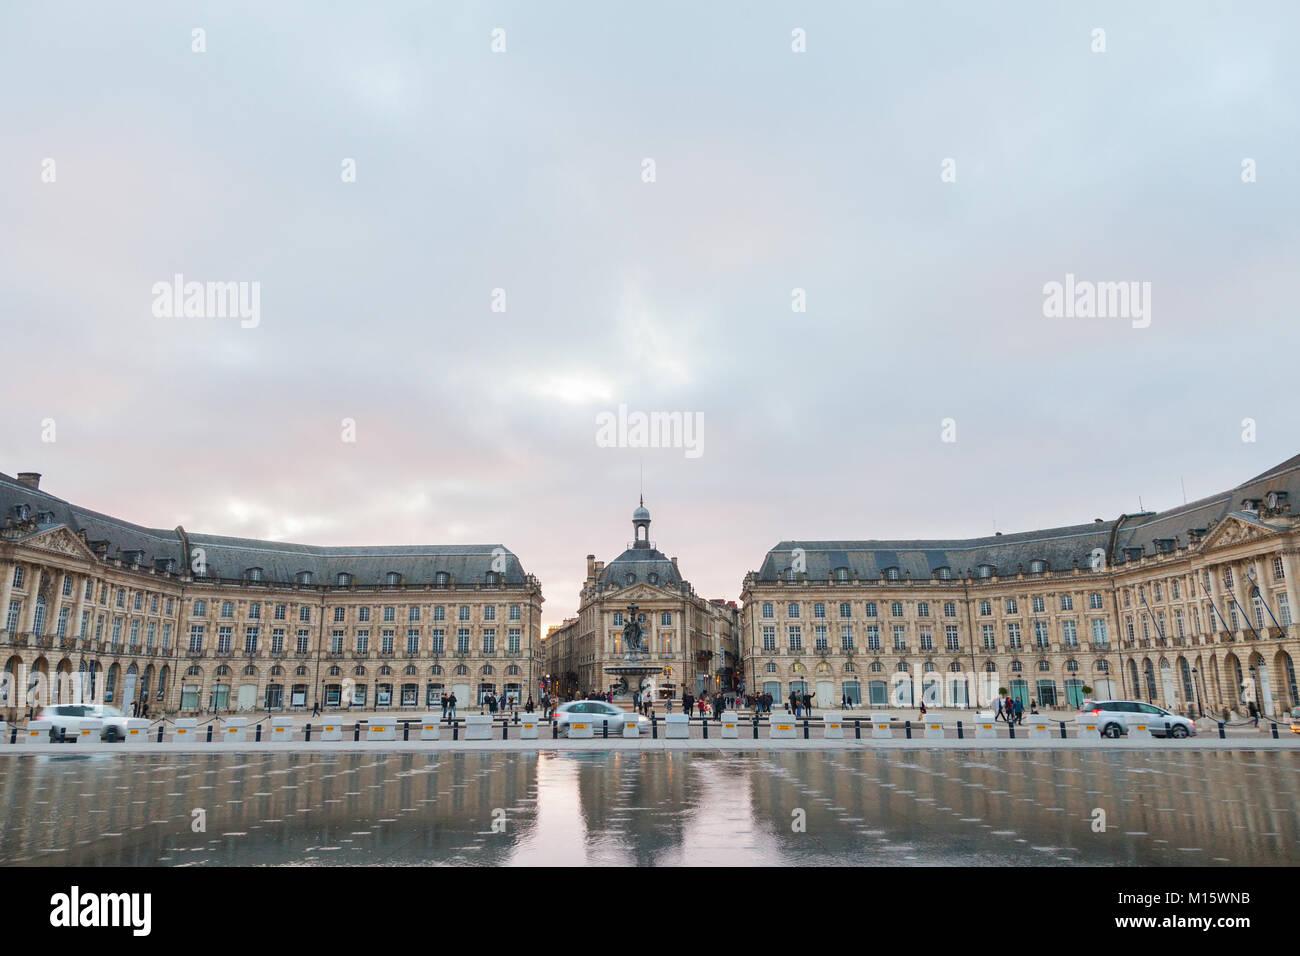 BORDEAUX, FRANCE - DECEMBER 24, 2017: Water Mirror (Miroir d'Eau) fountain on place de la Bourse square. It - Stock Image